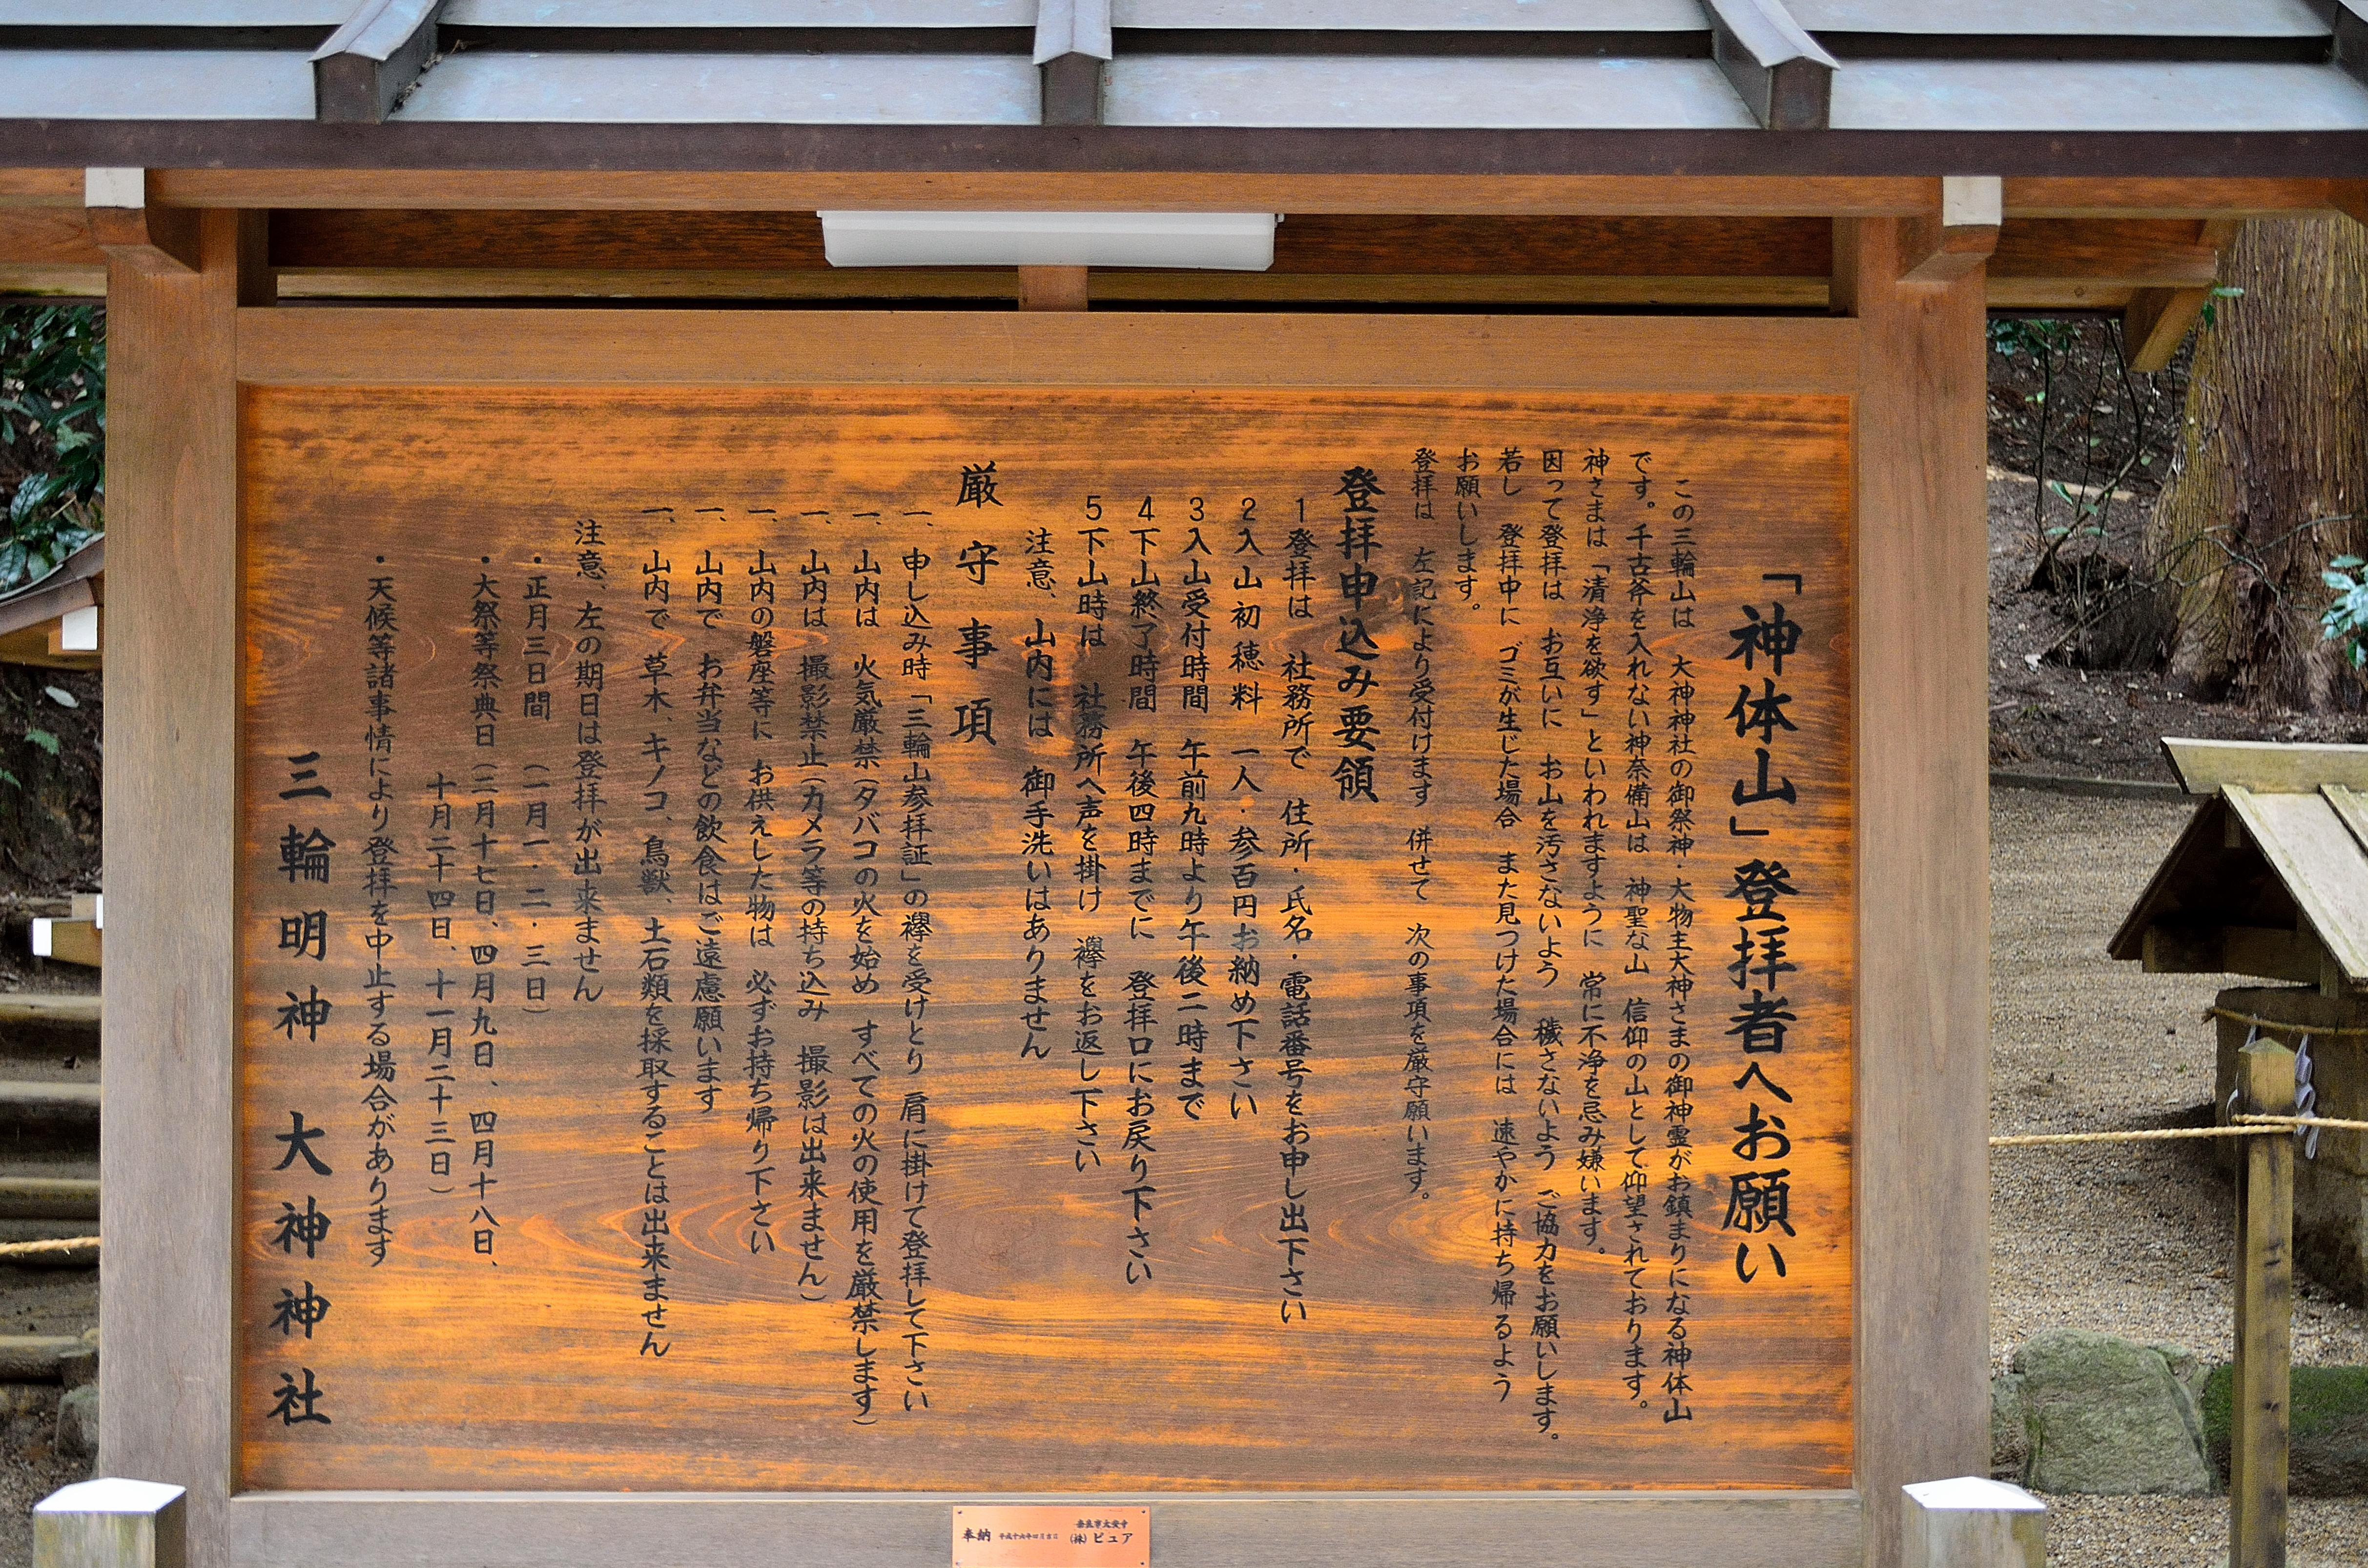 大神神社 狭井神社 「神体山」登拝者へのお願い